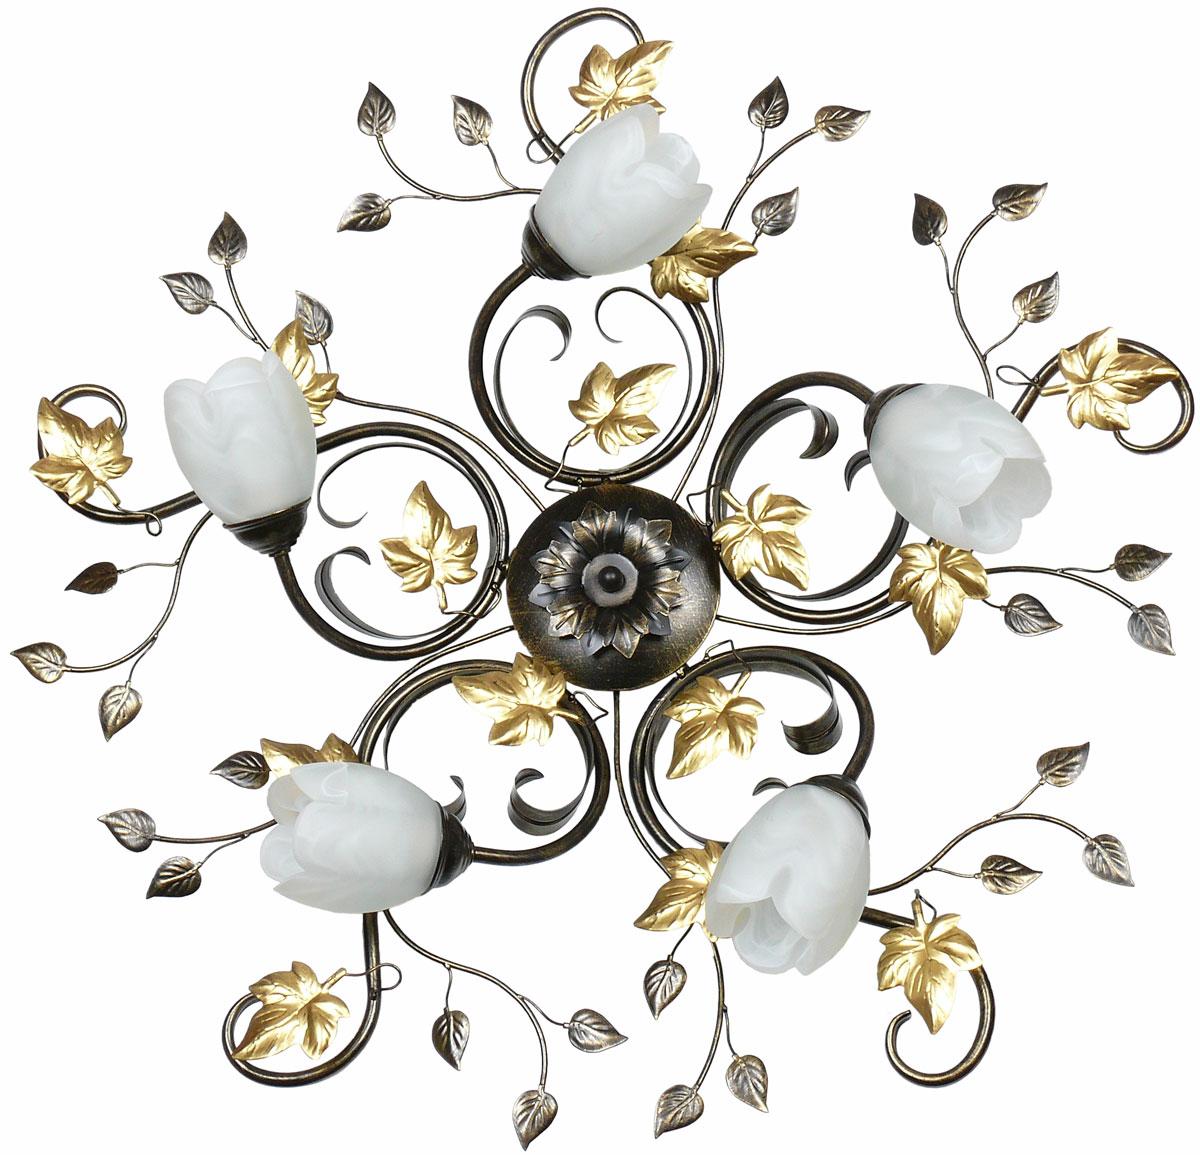 Люстра потолочная Аврора Флоренция, 5 х E14, 60 W. 10114-5C10114-5C